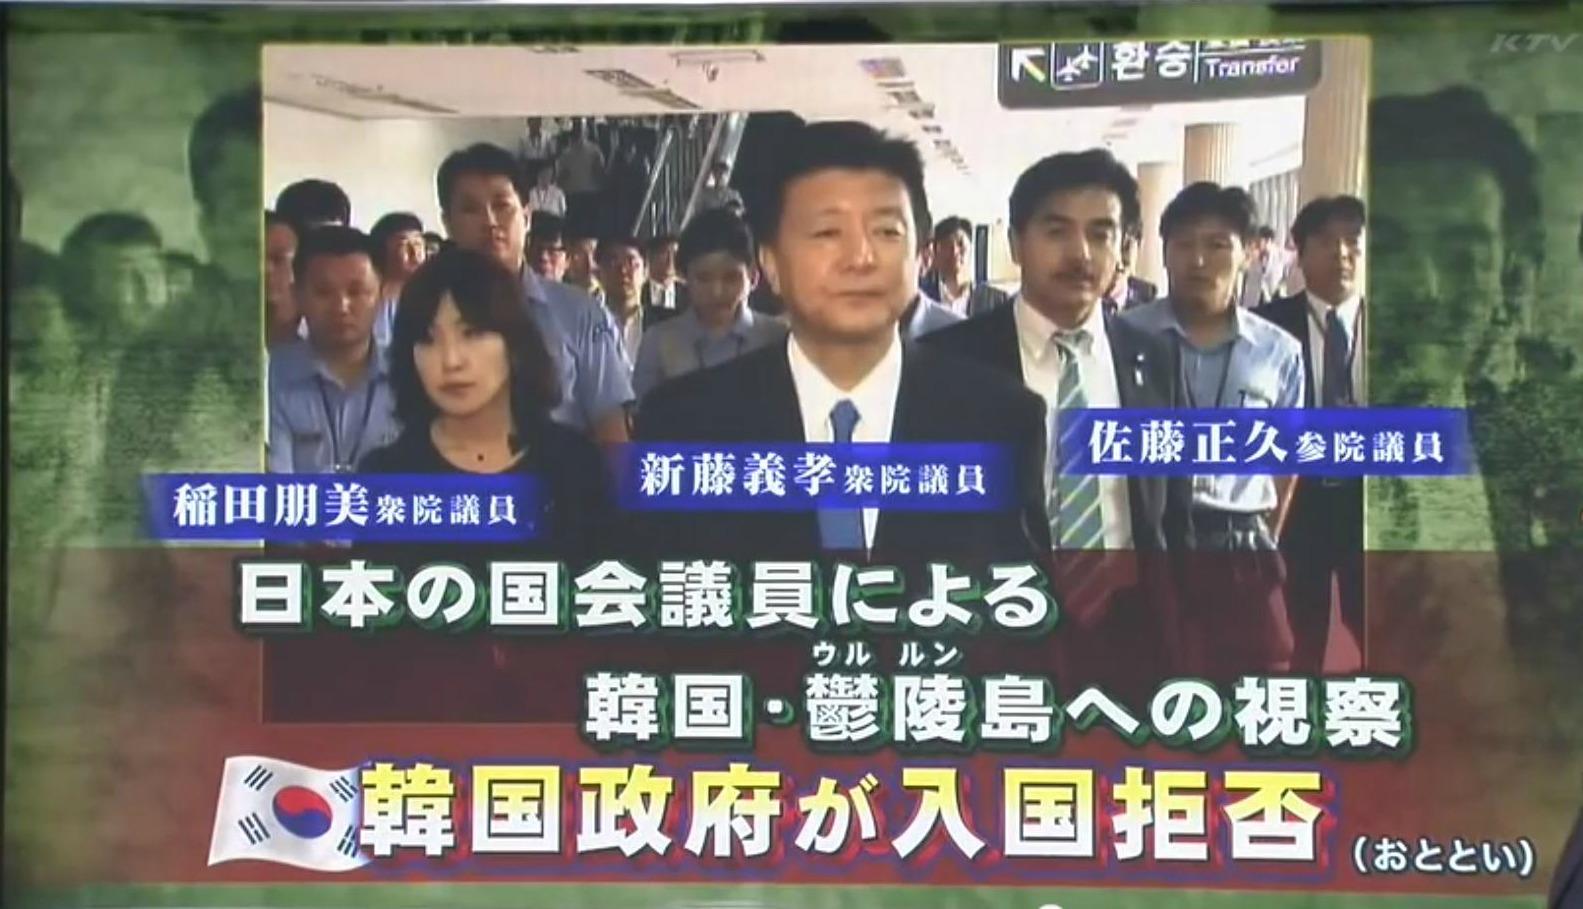 nyukoku_kyohi1.jpg